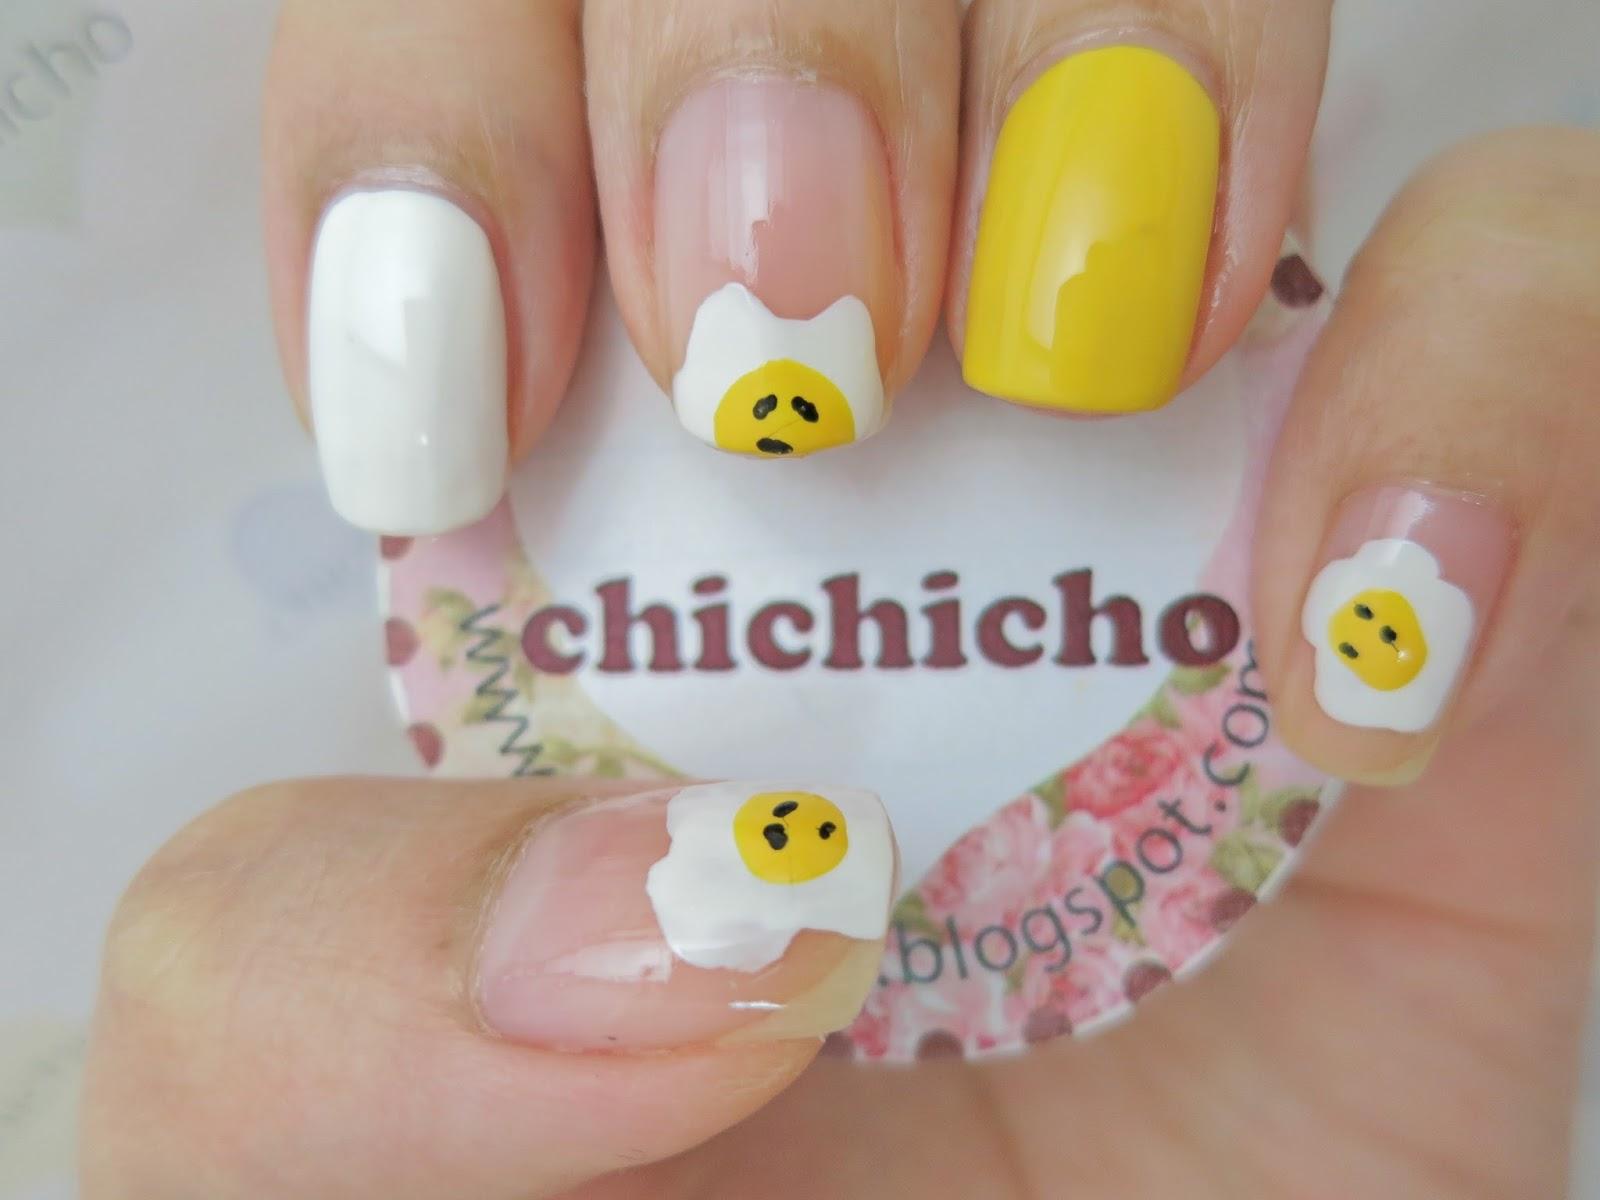 Fake Gudetama Nail Art - chichicho~